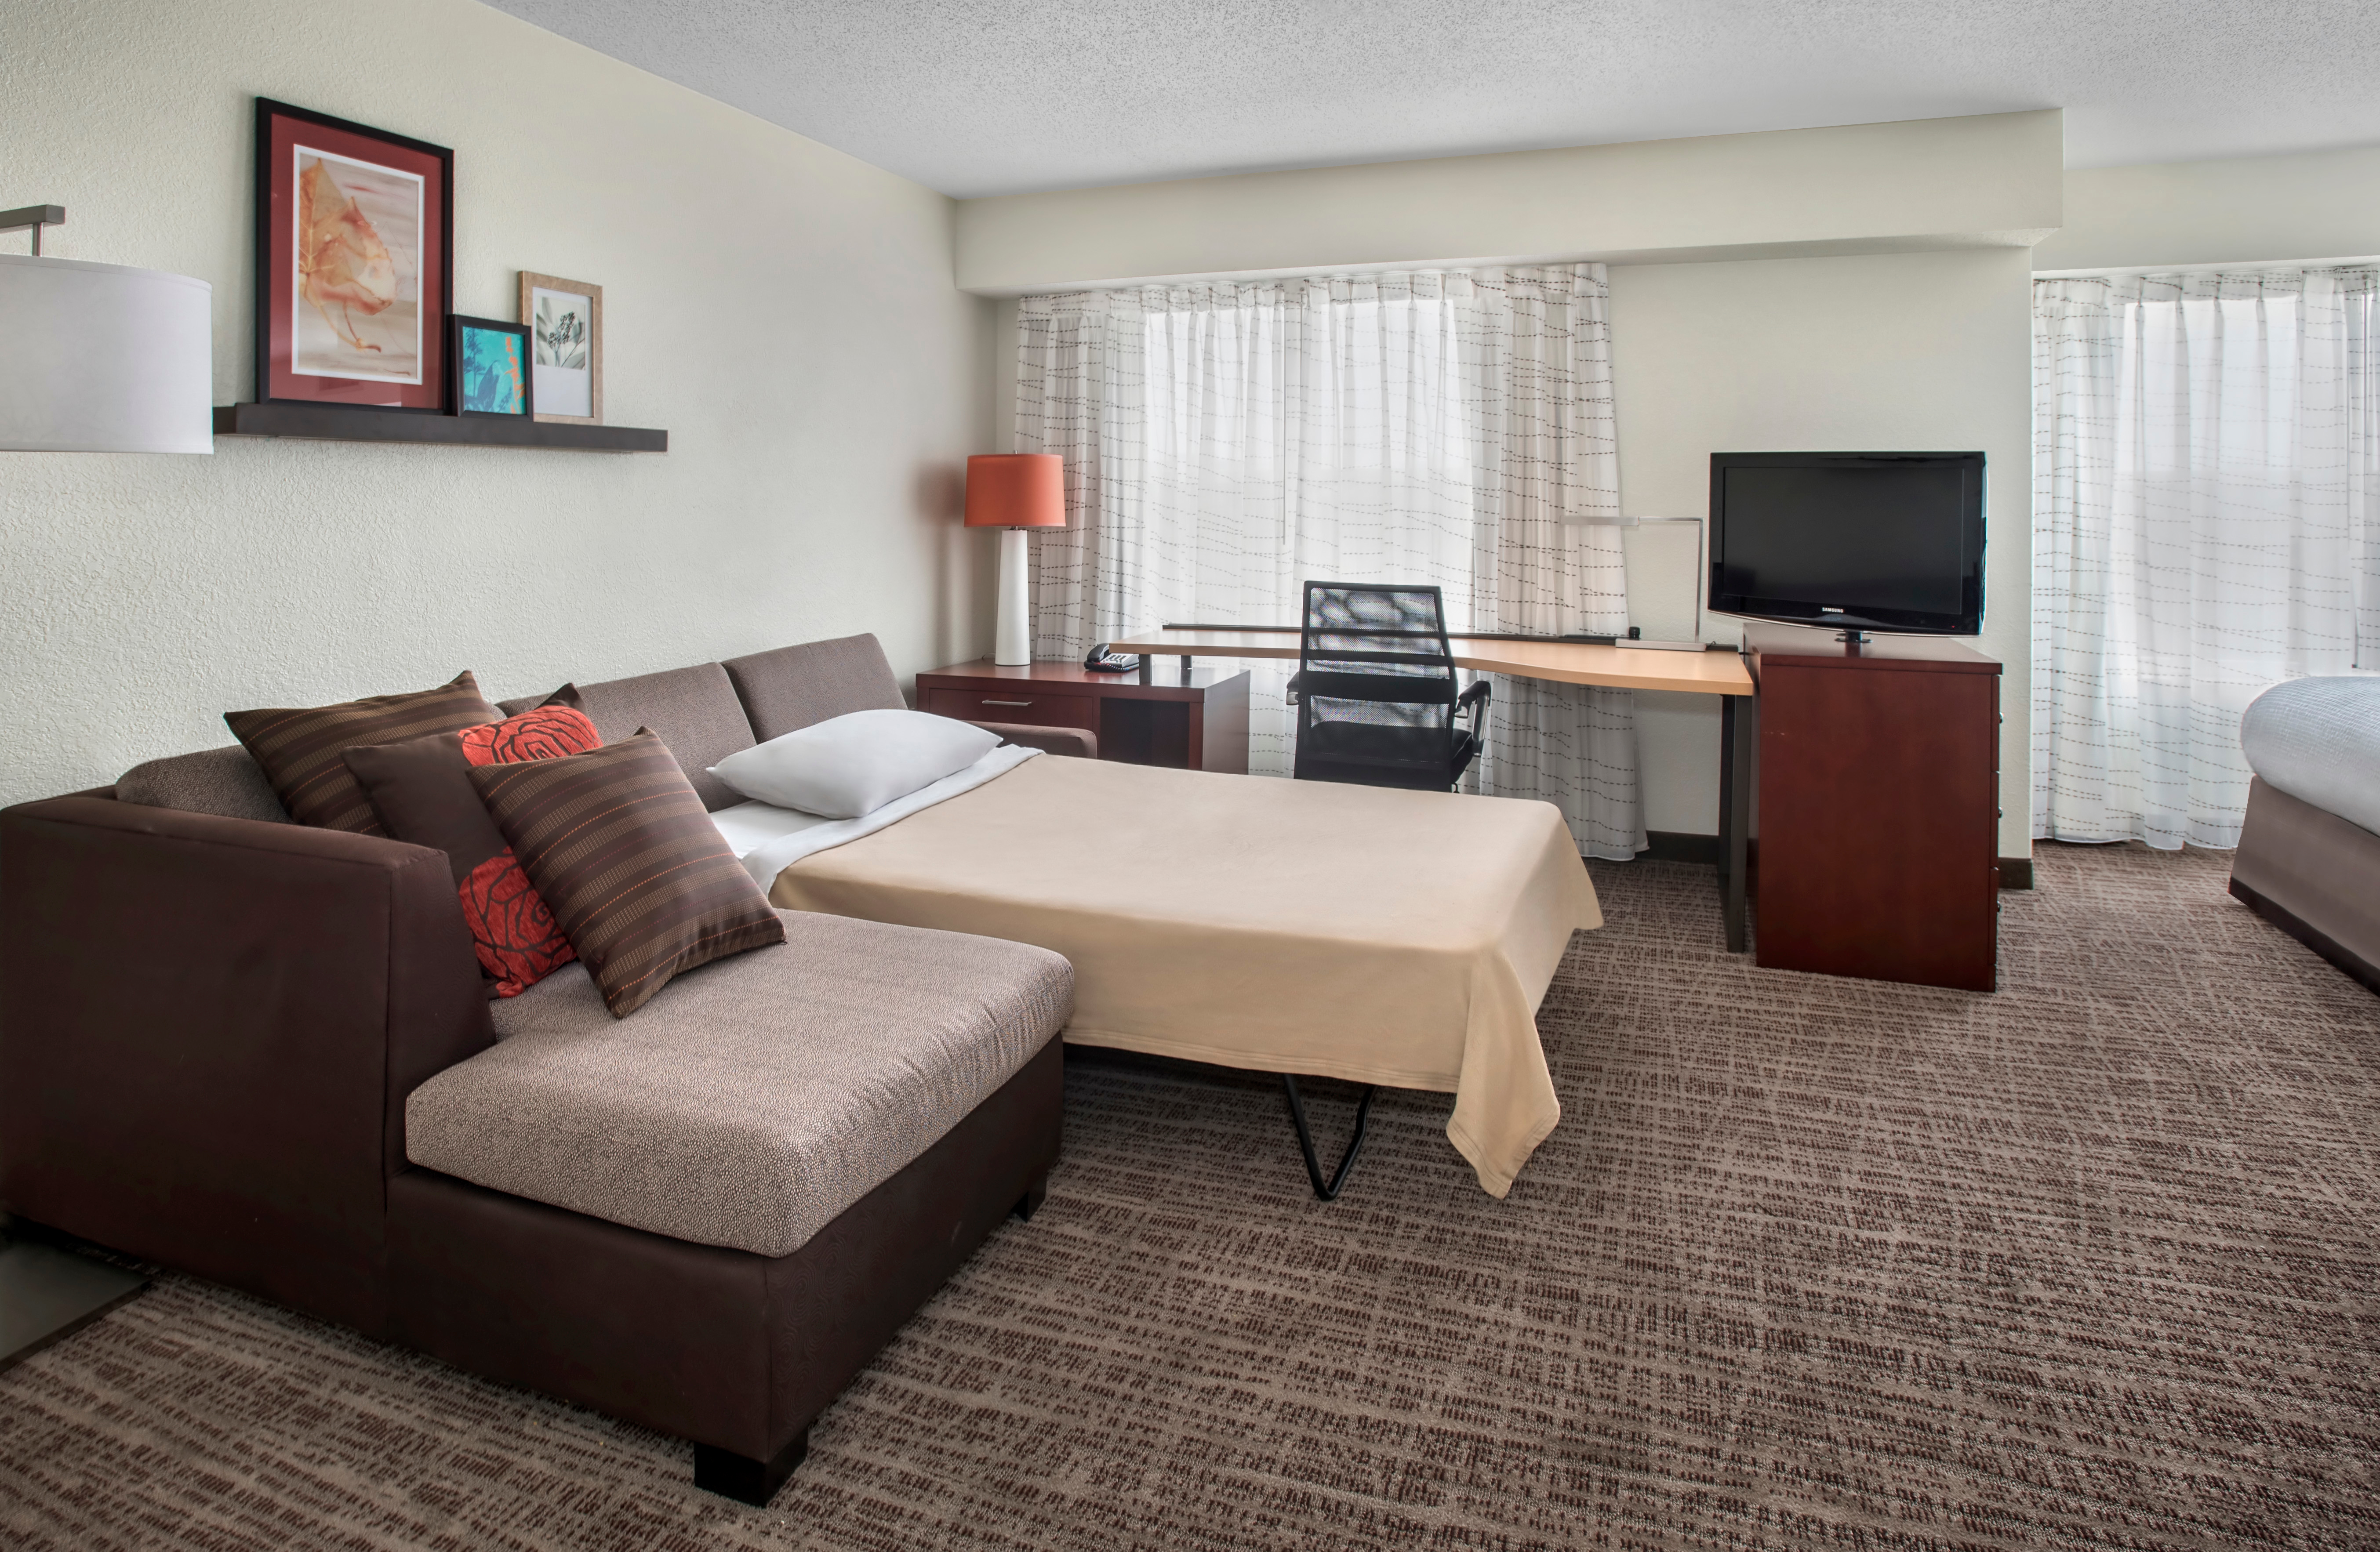 Residence Inn by Marriott Somerset image 3